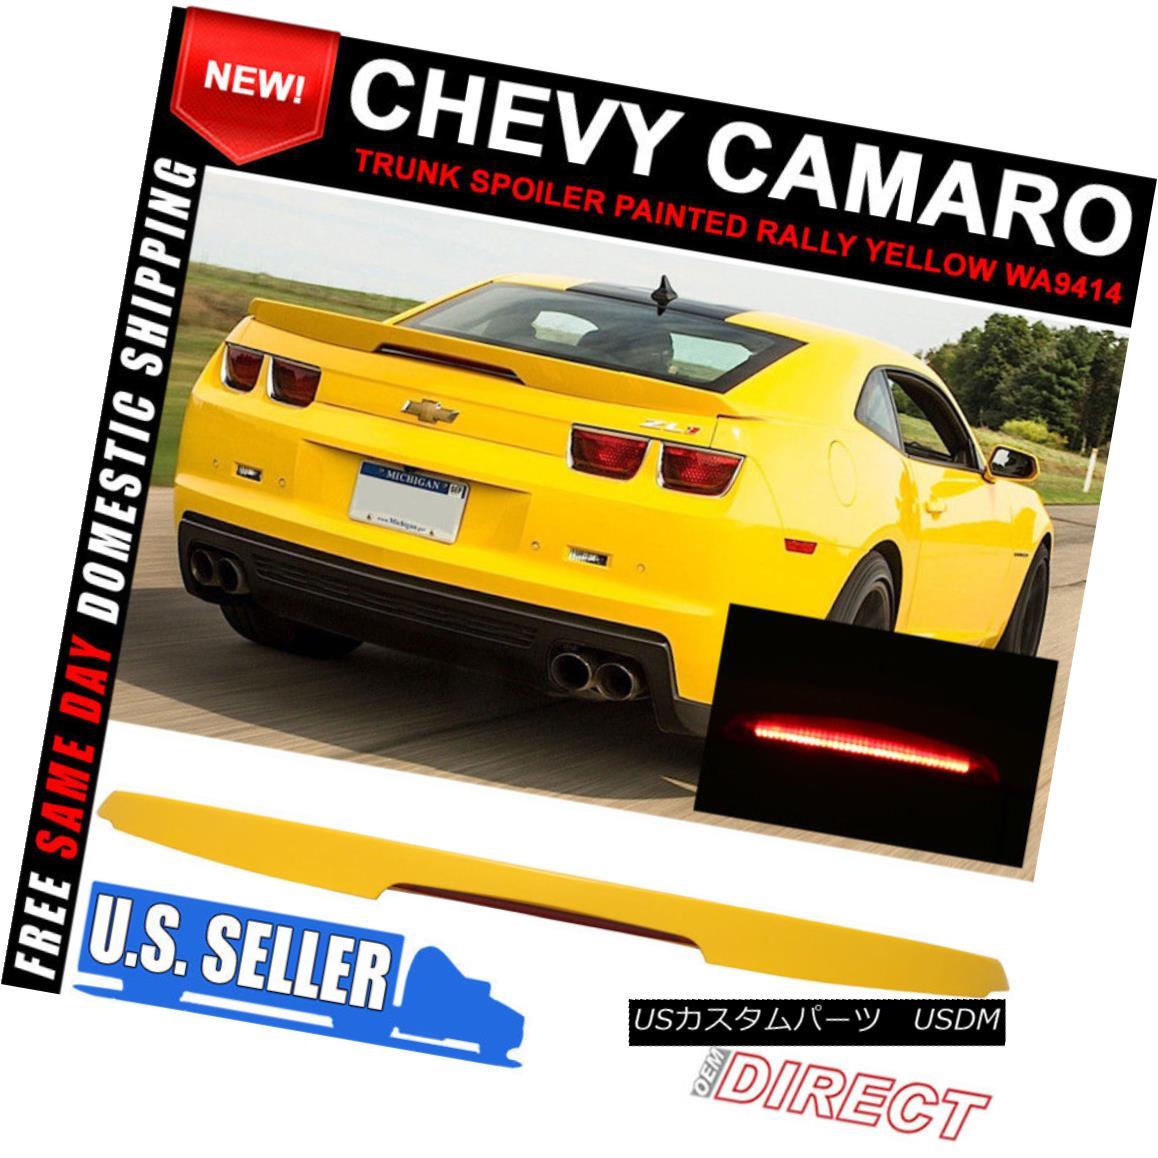 エアロパーツ 10-13 Chevy Camaro ZL1 Style Trunk Spoiler Painted Rally Yellow WA9414 10-13シボレーカマロZL1スタイルトランクスポイラーペイントラリーイエローWA9414